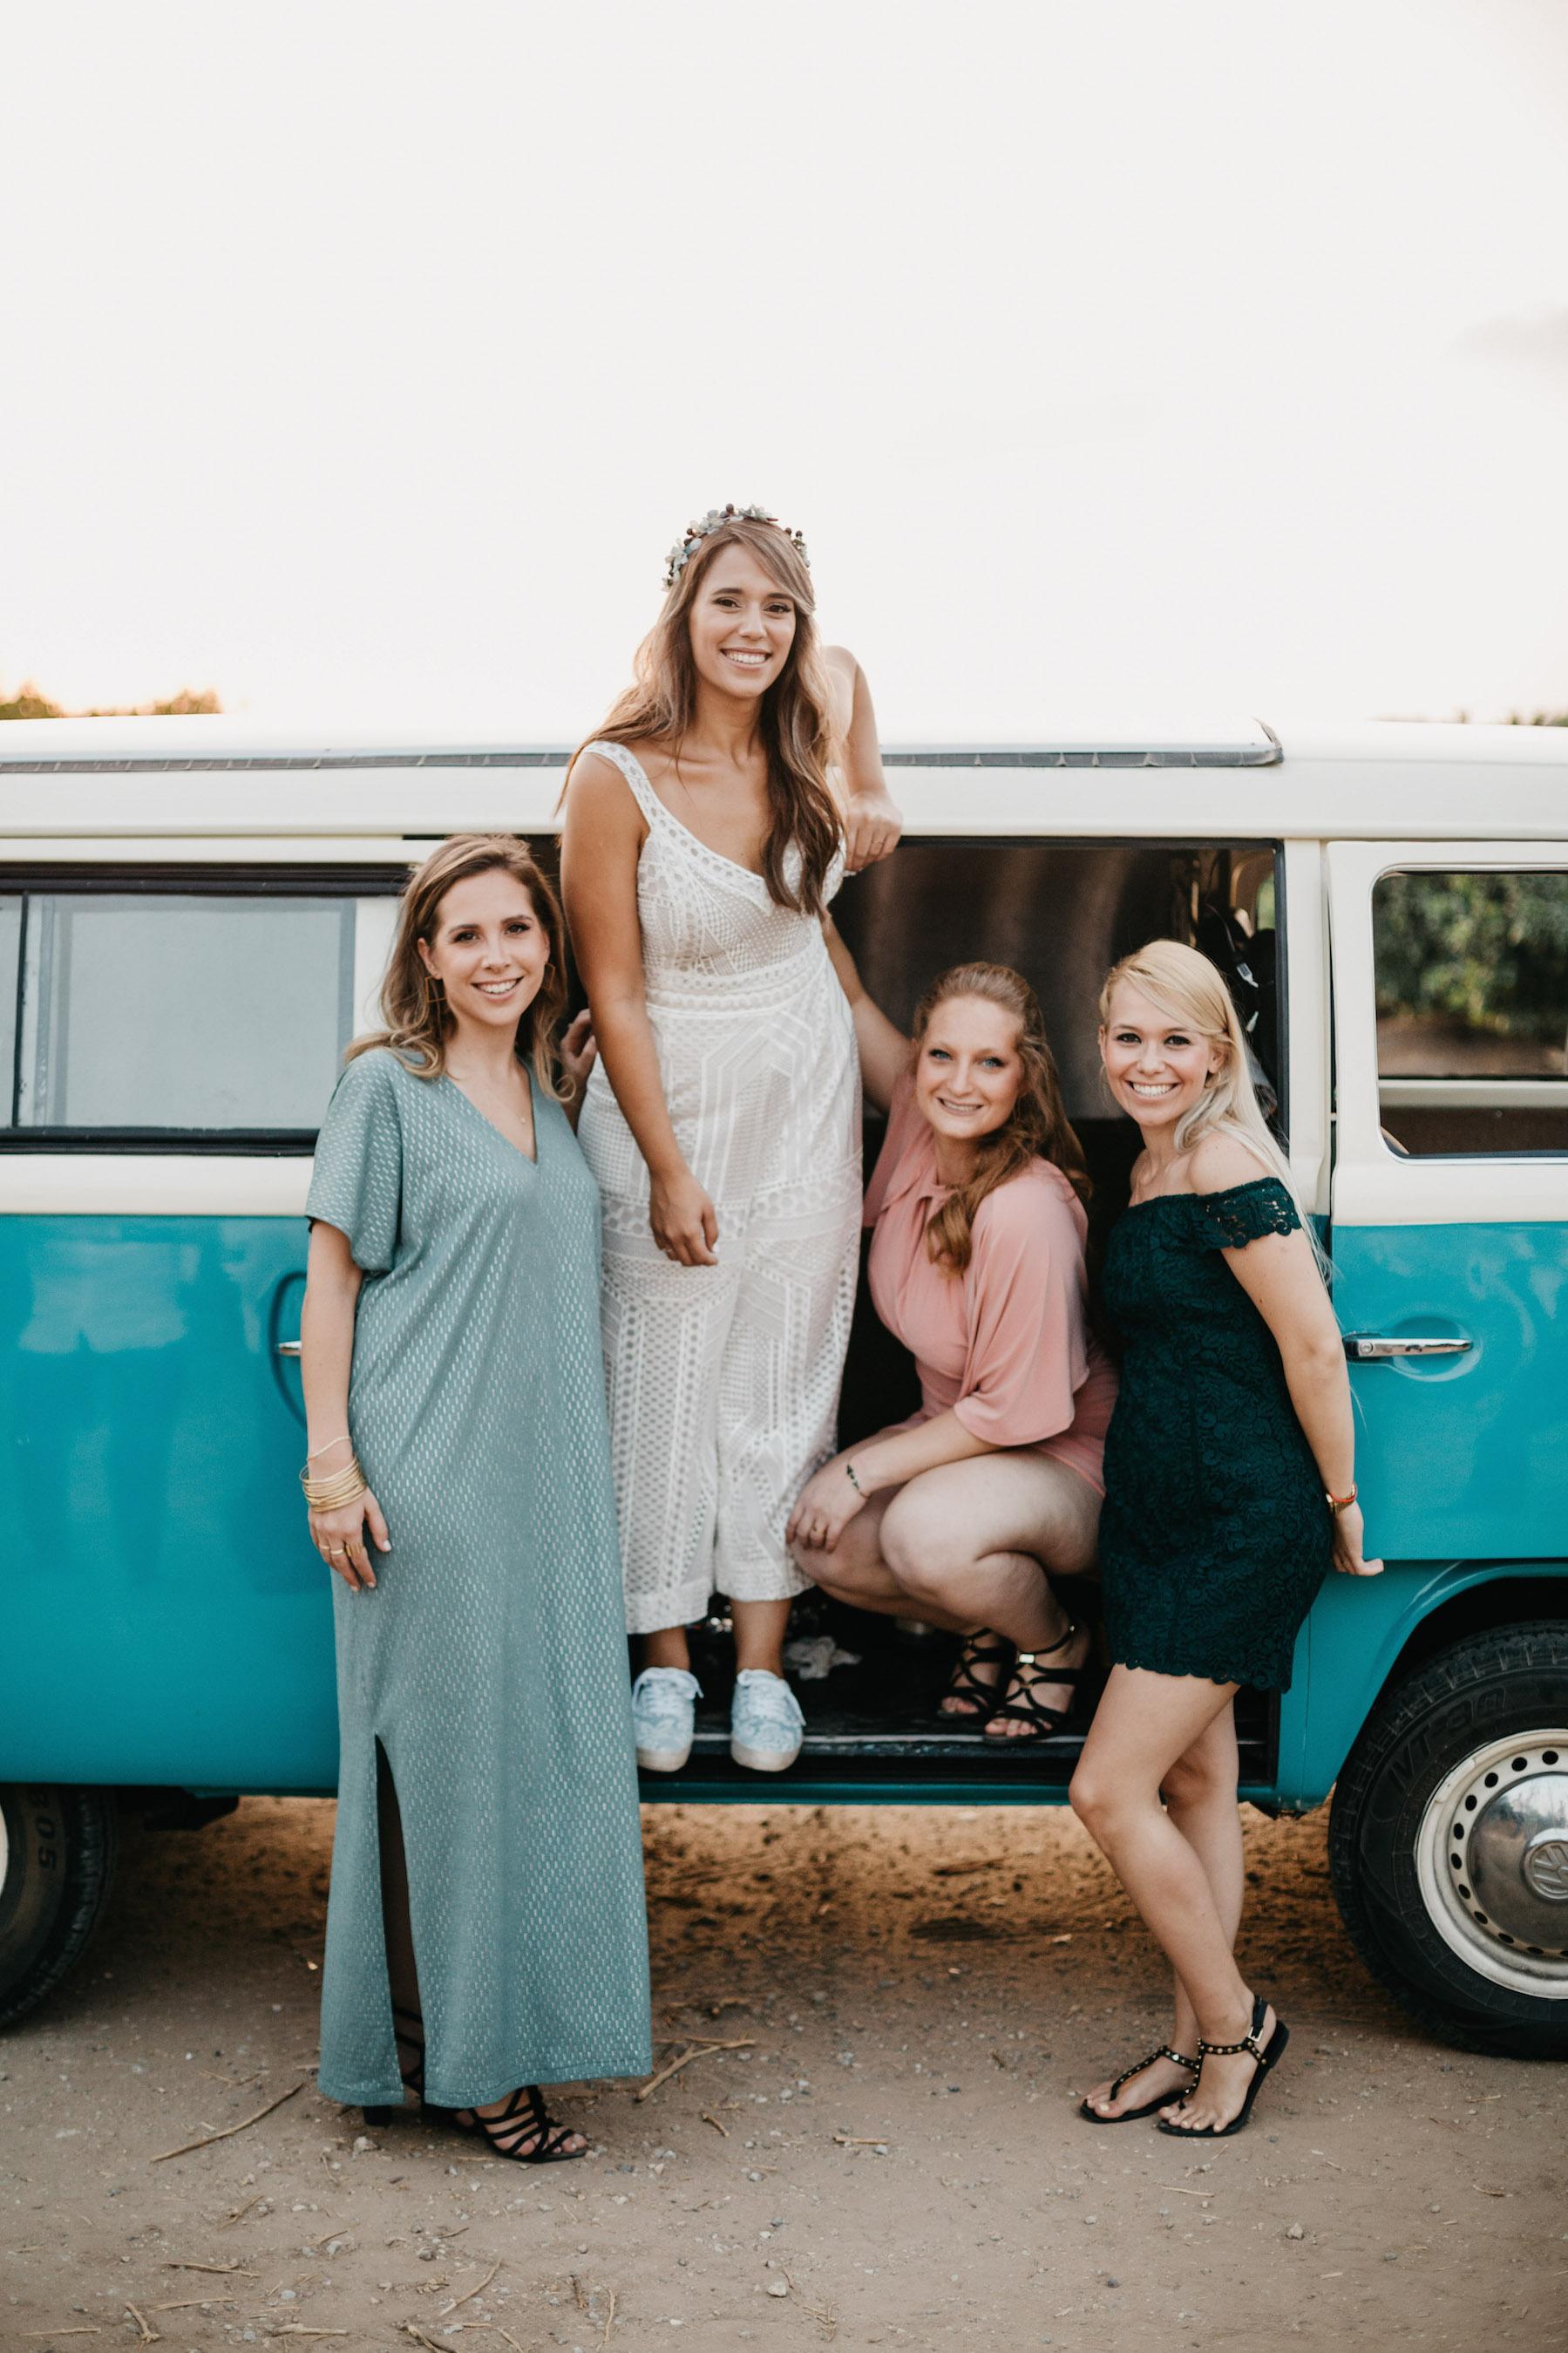 קיץ חם: הטרנדים הבולטים בשמלות הכלה לקיץ הקרוב